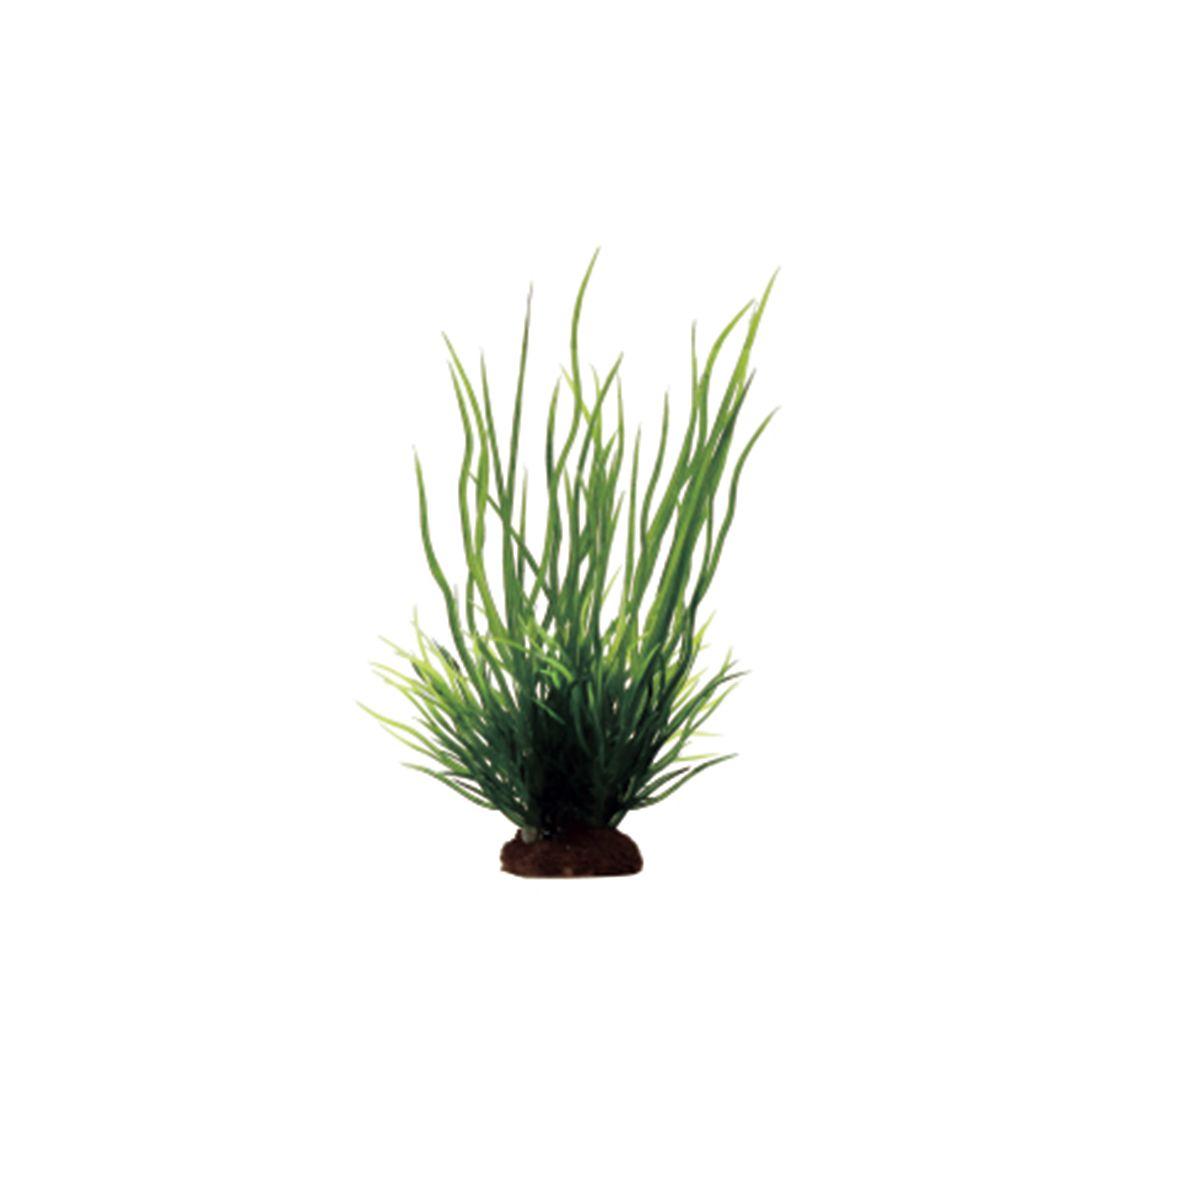 Растение для аквариума ArtUniq Ситняг, высота 10 см, 6 шт растение для аквариума artuniq кариота высота 60 см